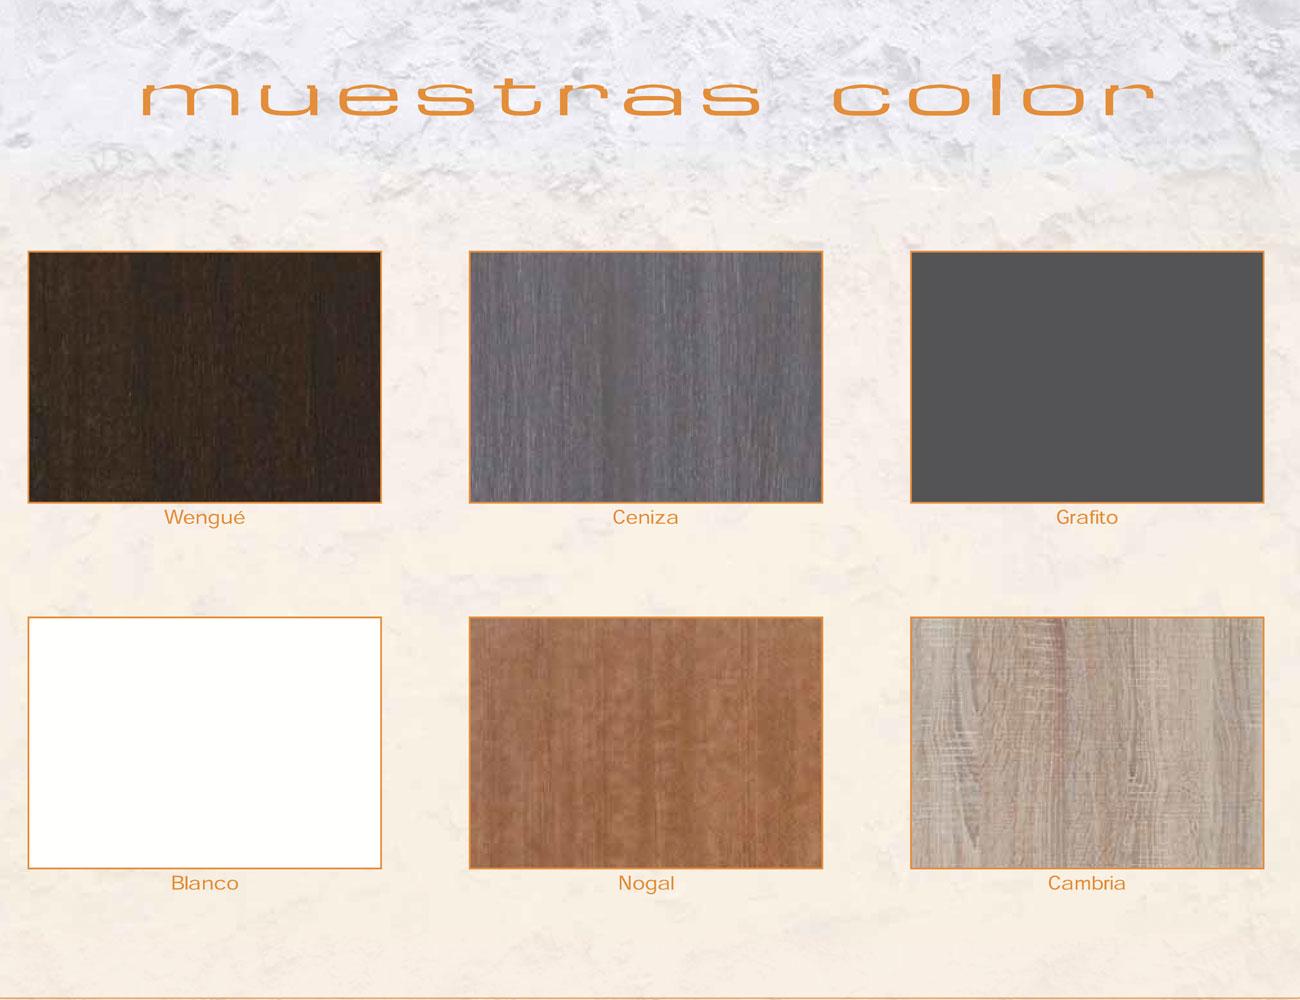 Muestras color muebles expo5